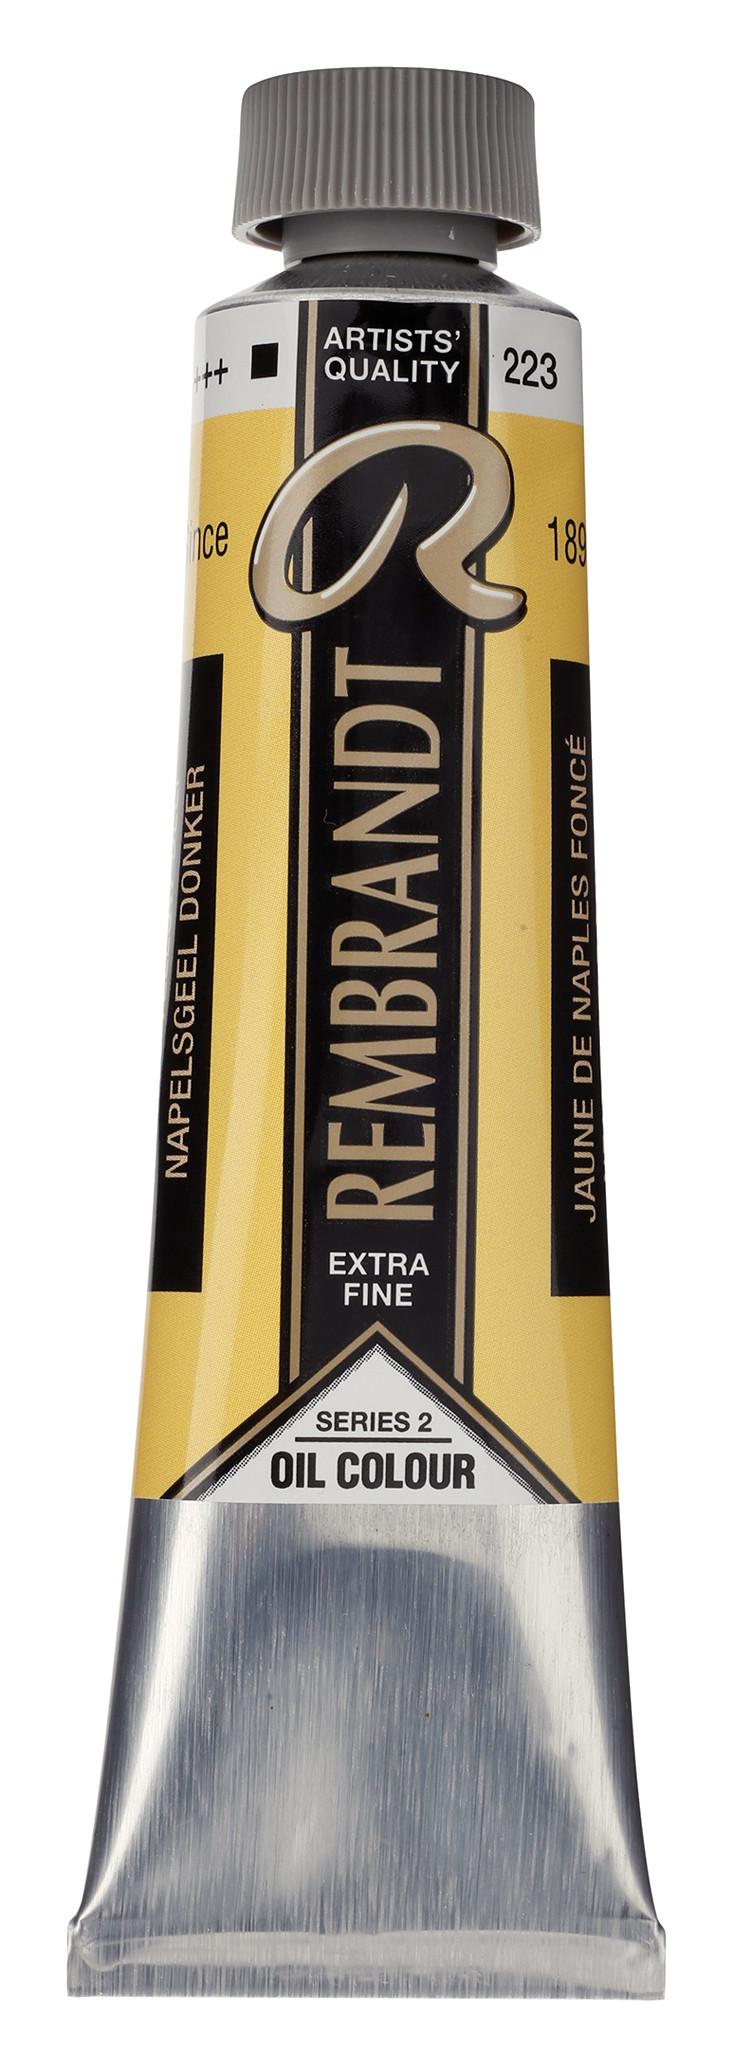 Rembrandt Oil colour Paint Naples Yellow Deep (223) 40ml Tube